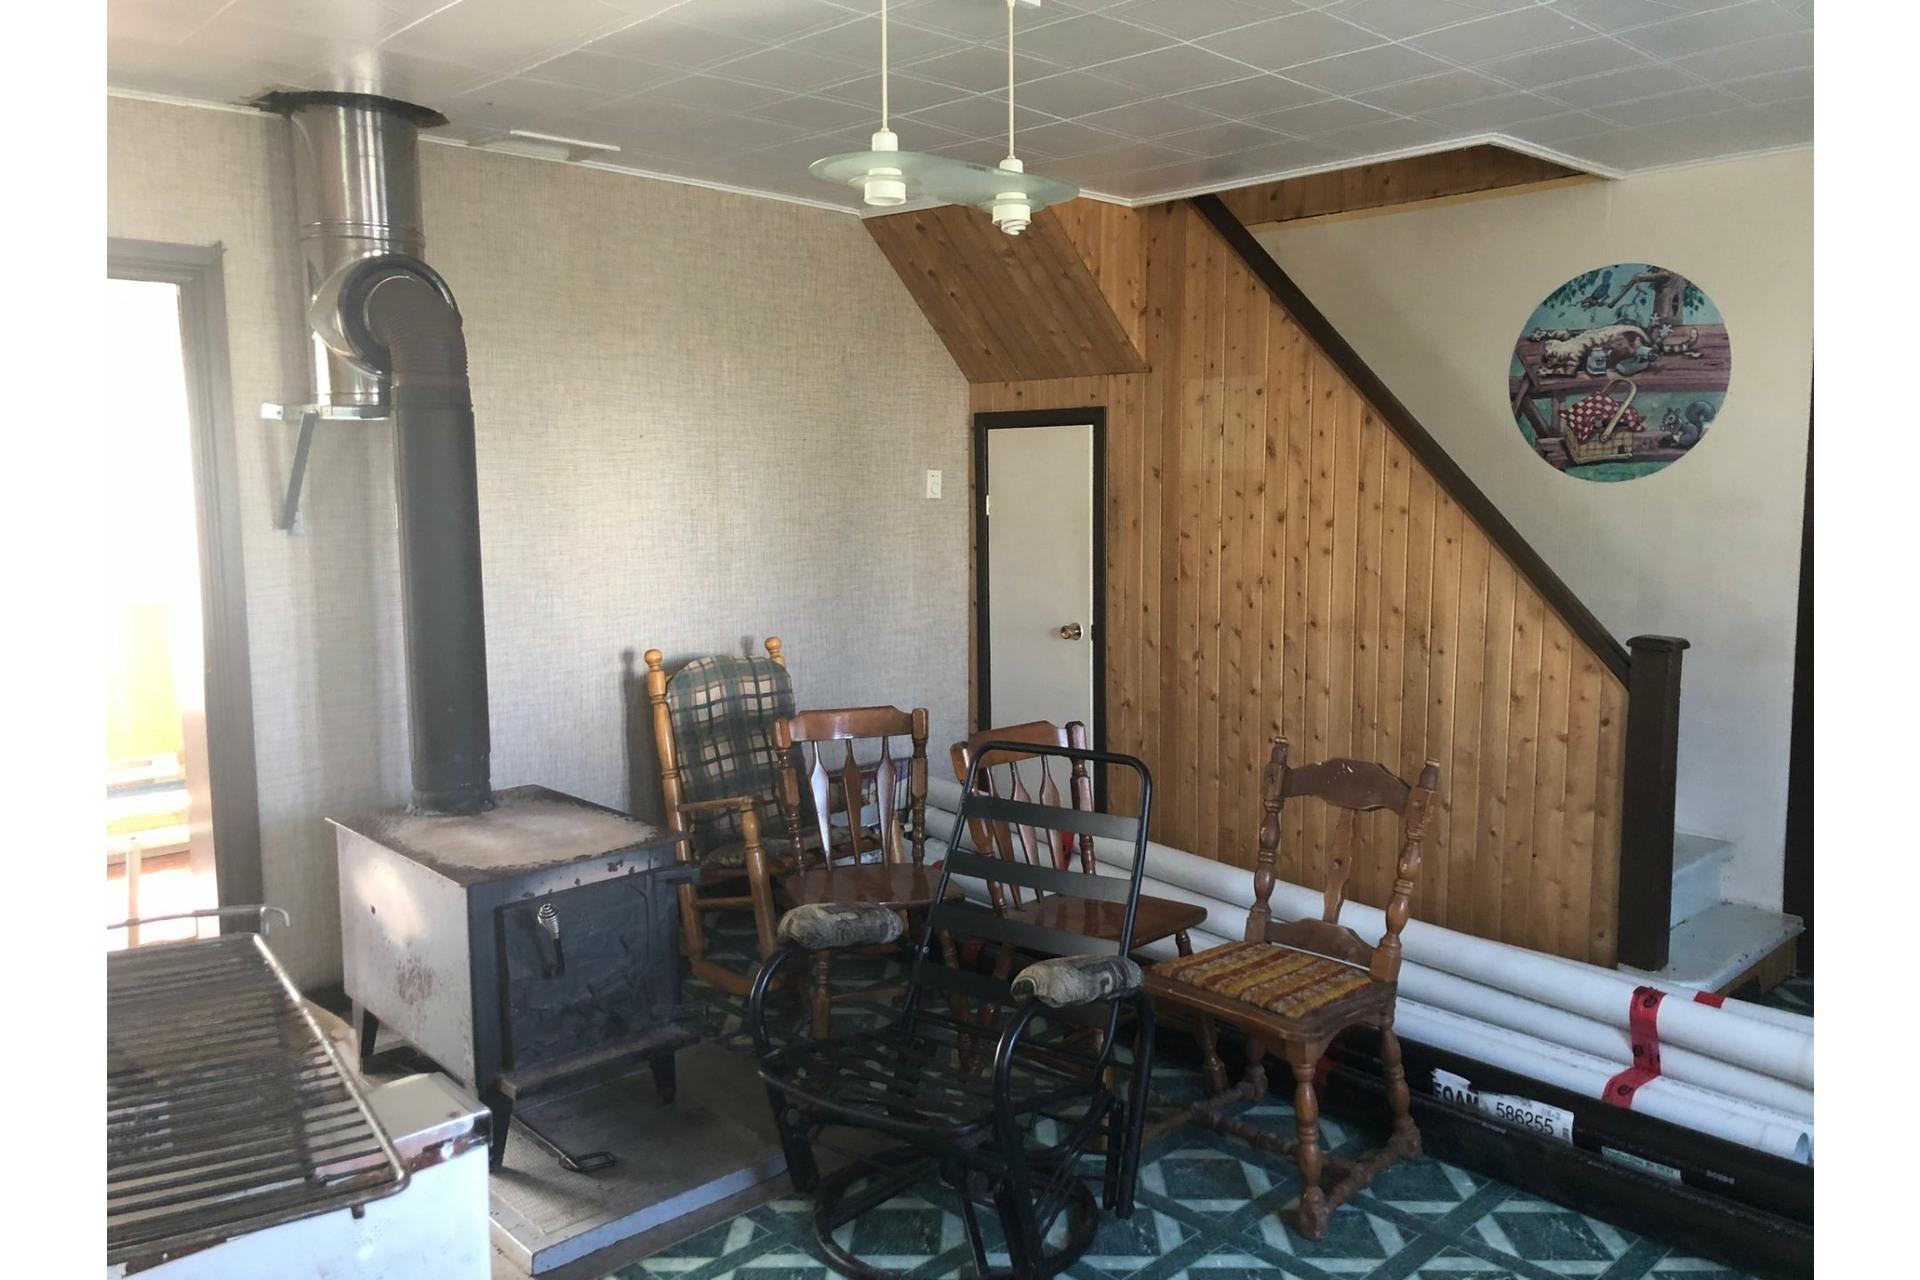 image 3 - Maison À vendre Sainte-Madeleine-de-la-Rivière-Madeleine - 6 pièces